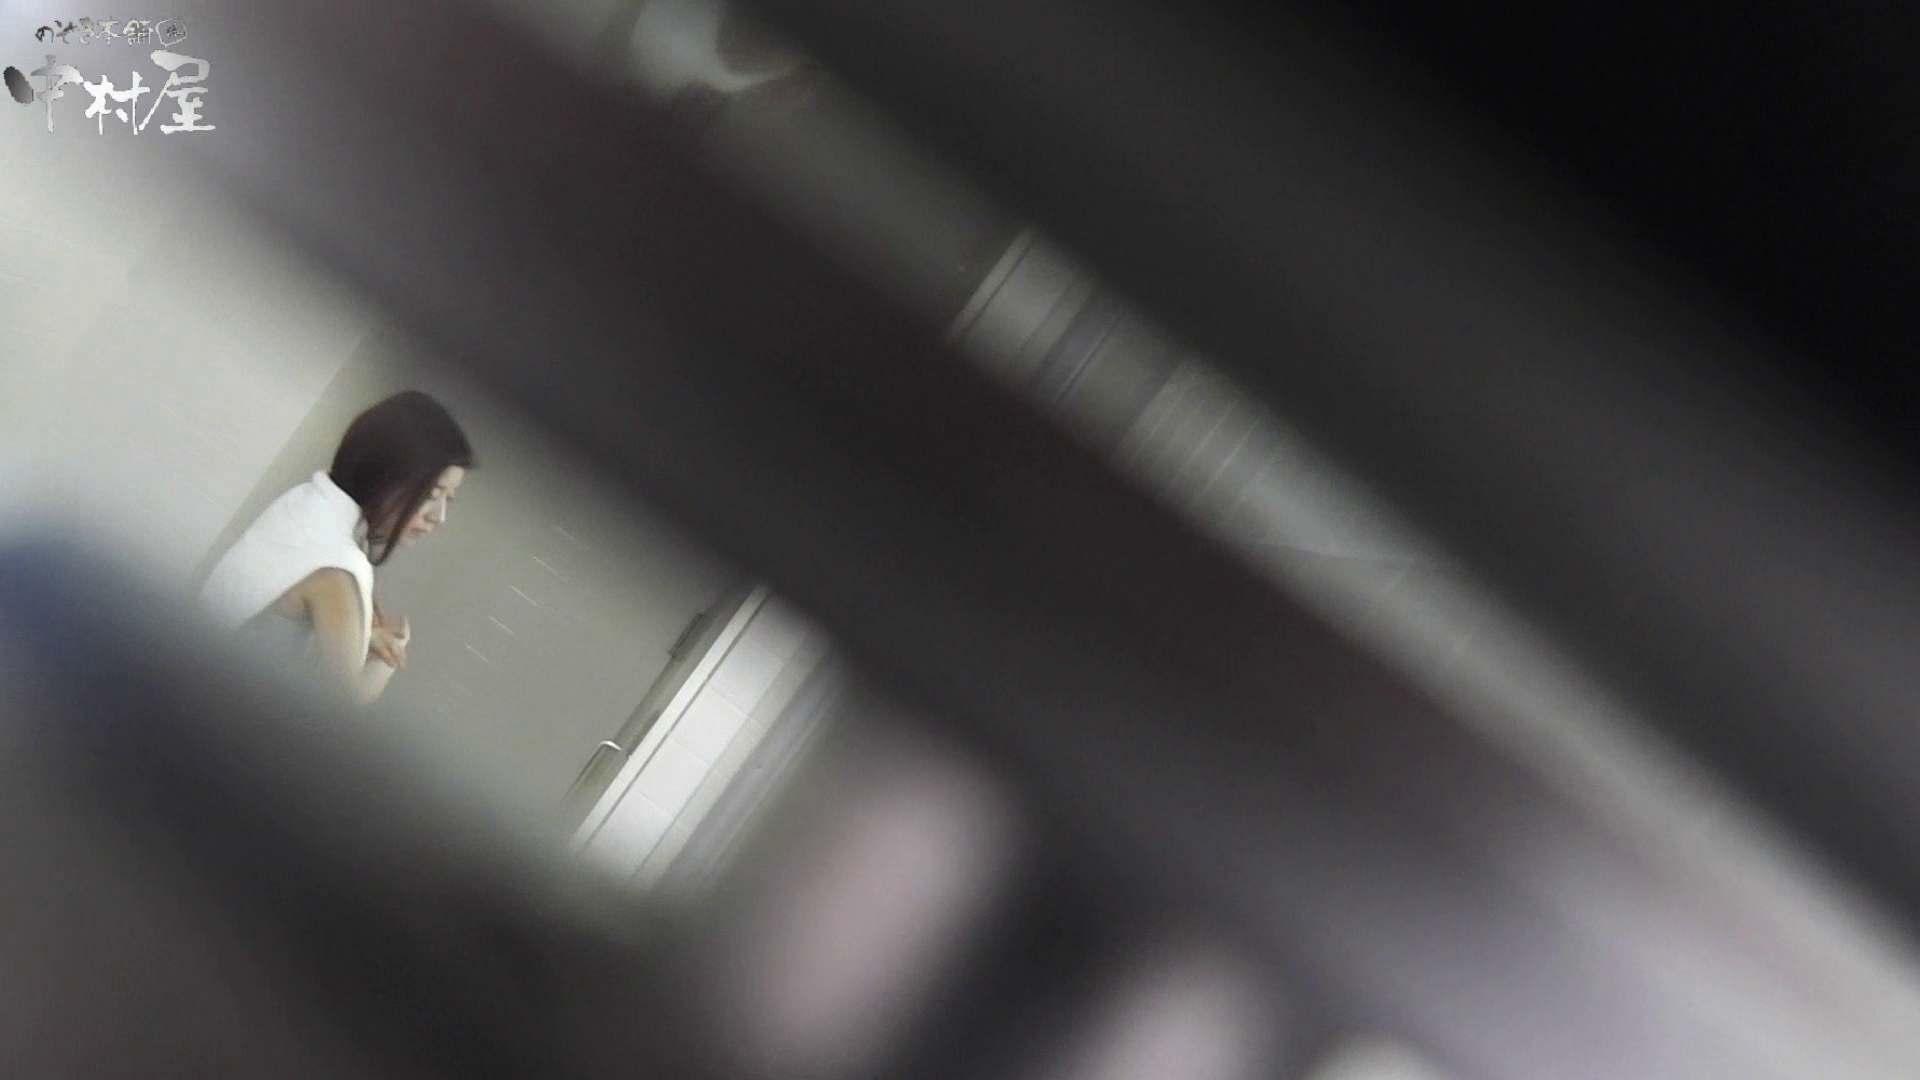 vol.47 命がけ潜伏洗面所! 可愛い顔してケツ毛な件 OL女体 セックス無修正動画無料 67連発 50